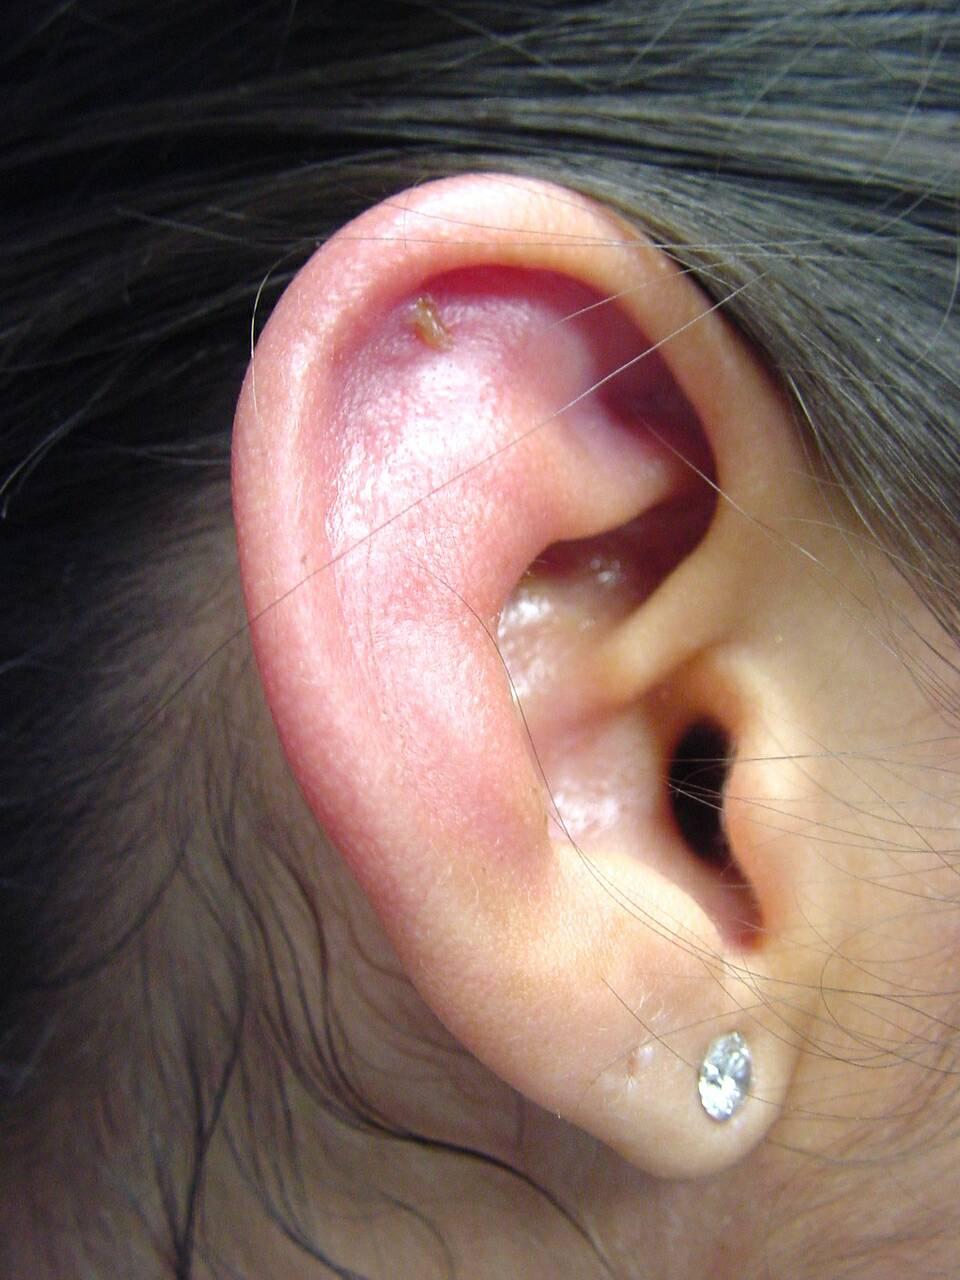 Auricular Perichondritis Wikidoc